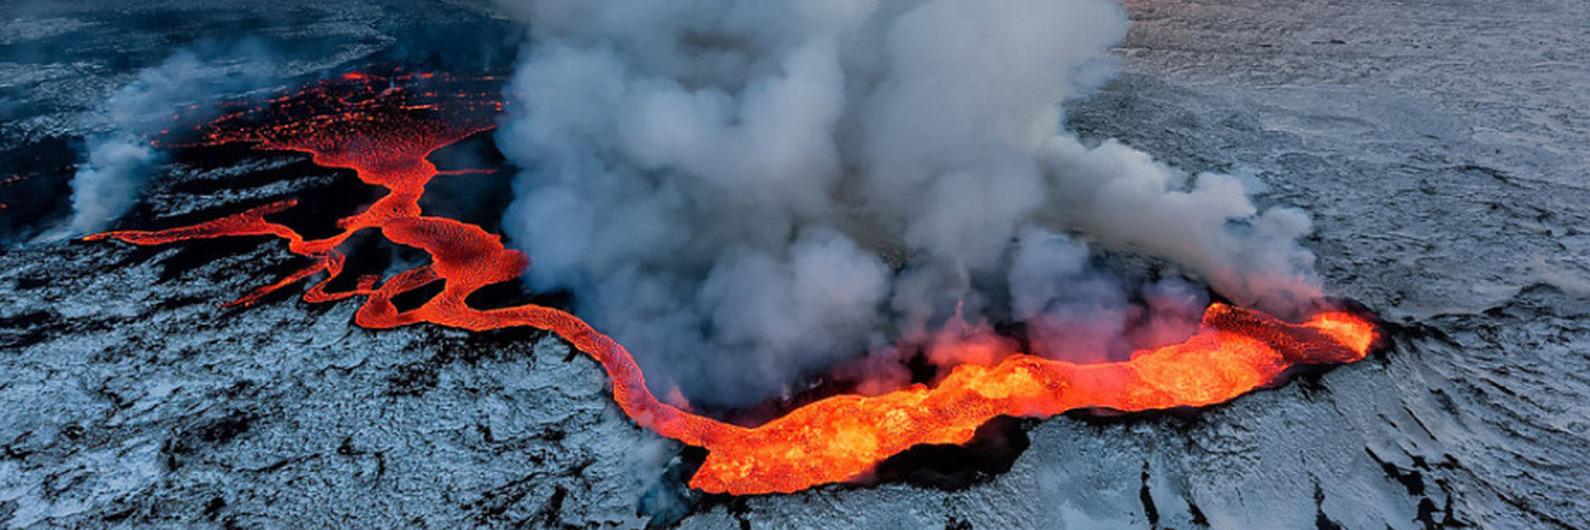 Islândia: terra com as mais belas e isoladas paisagens do mundo